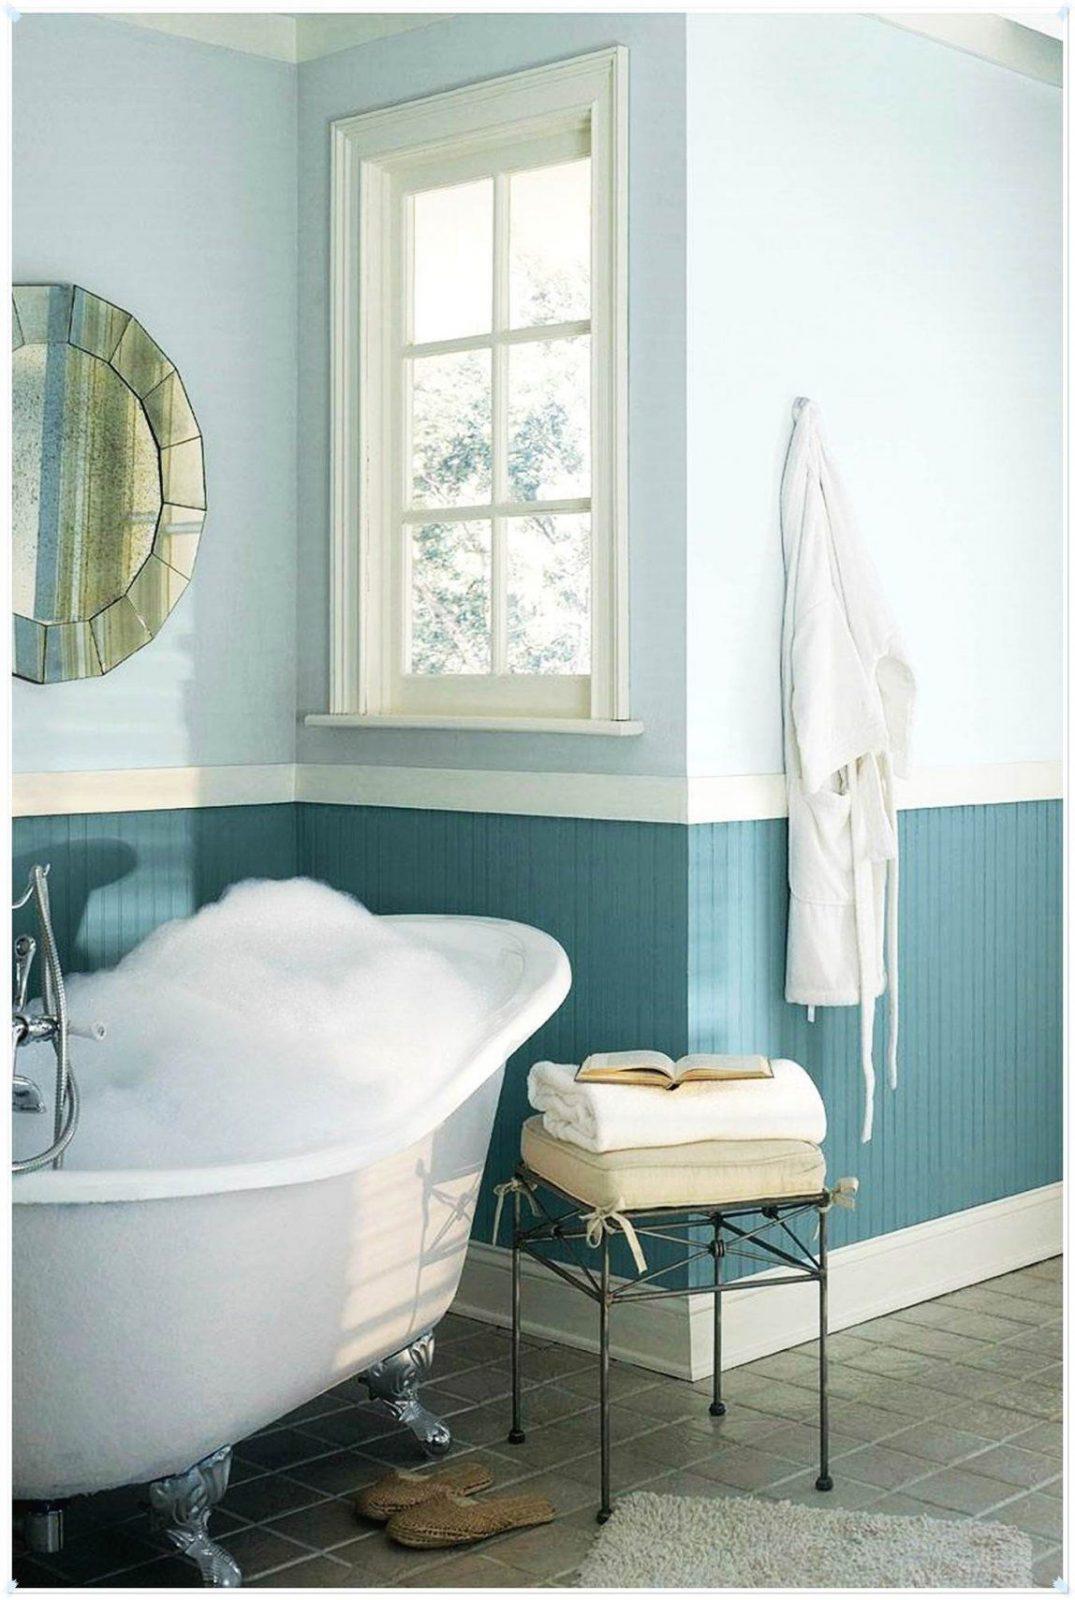 Wasserabweisende Farbe Für Dusche  Die Schönsten Einrichtungsideen von Wasserabweisende Farbe Für Dusche Bild